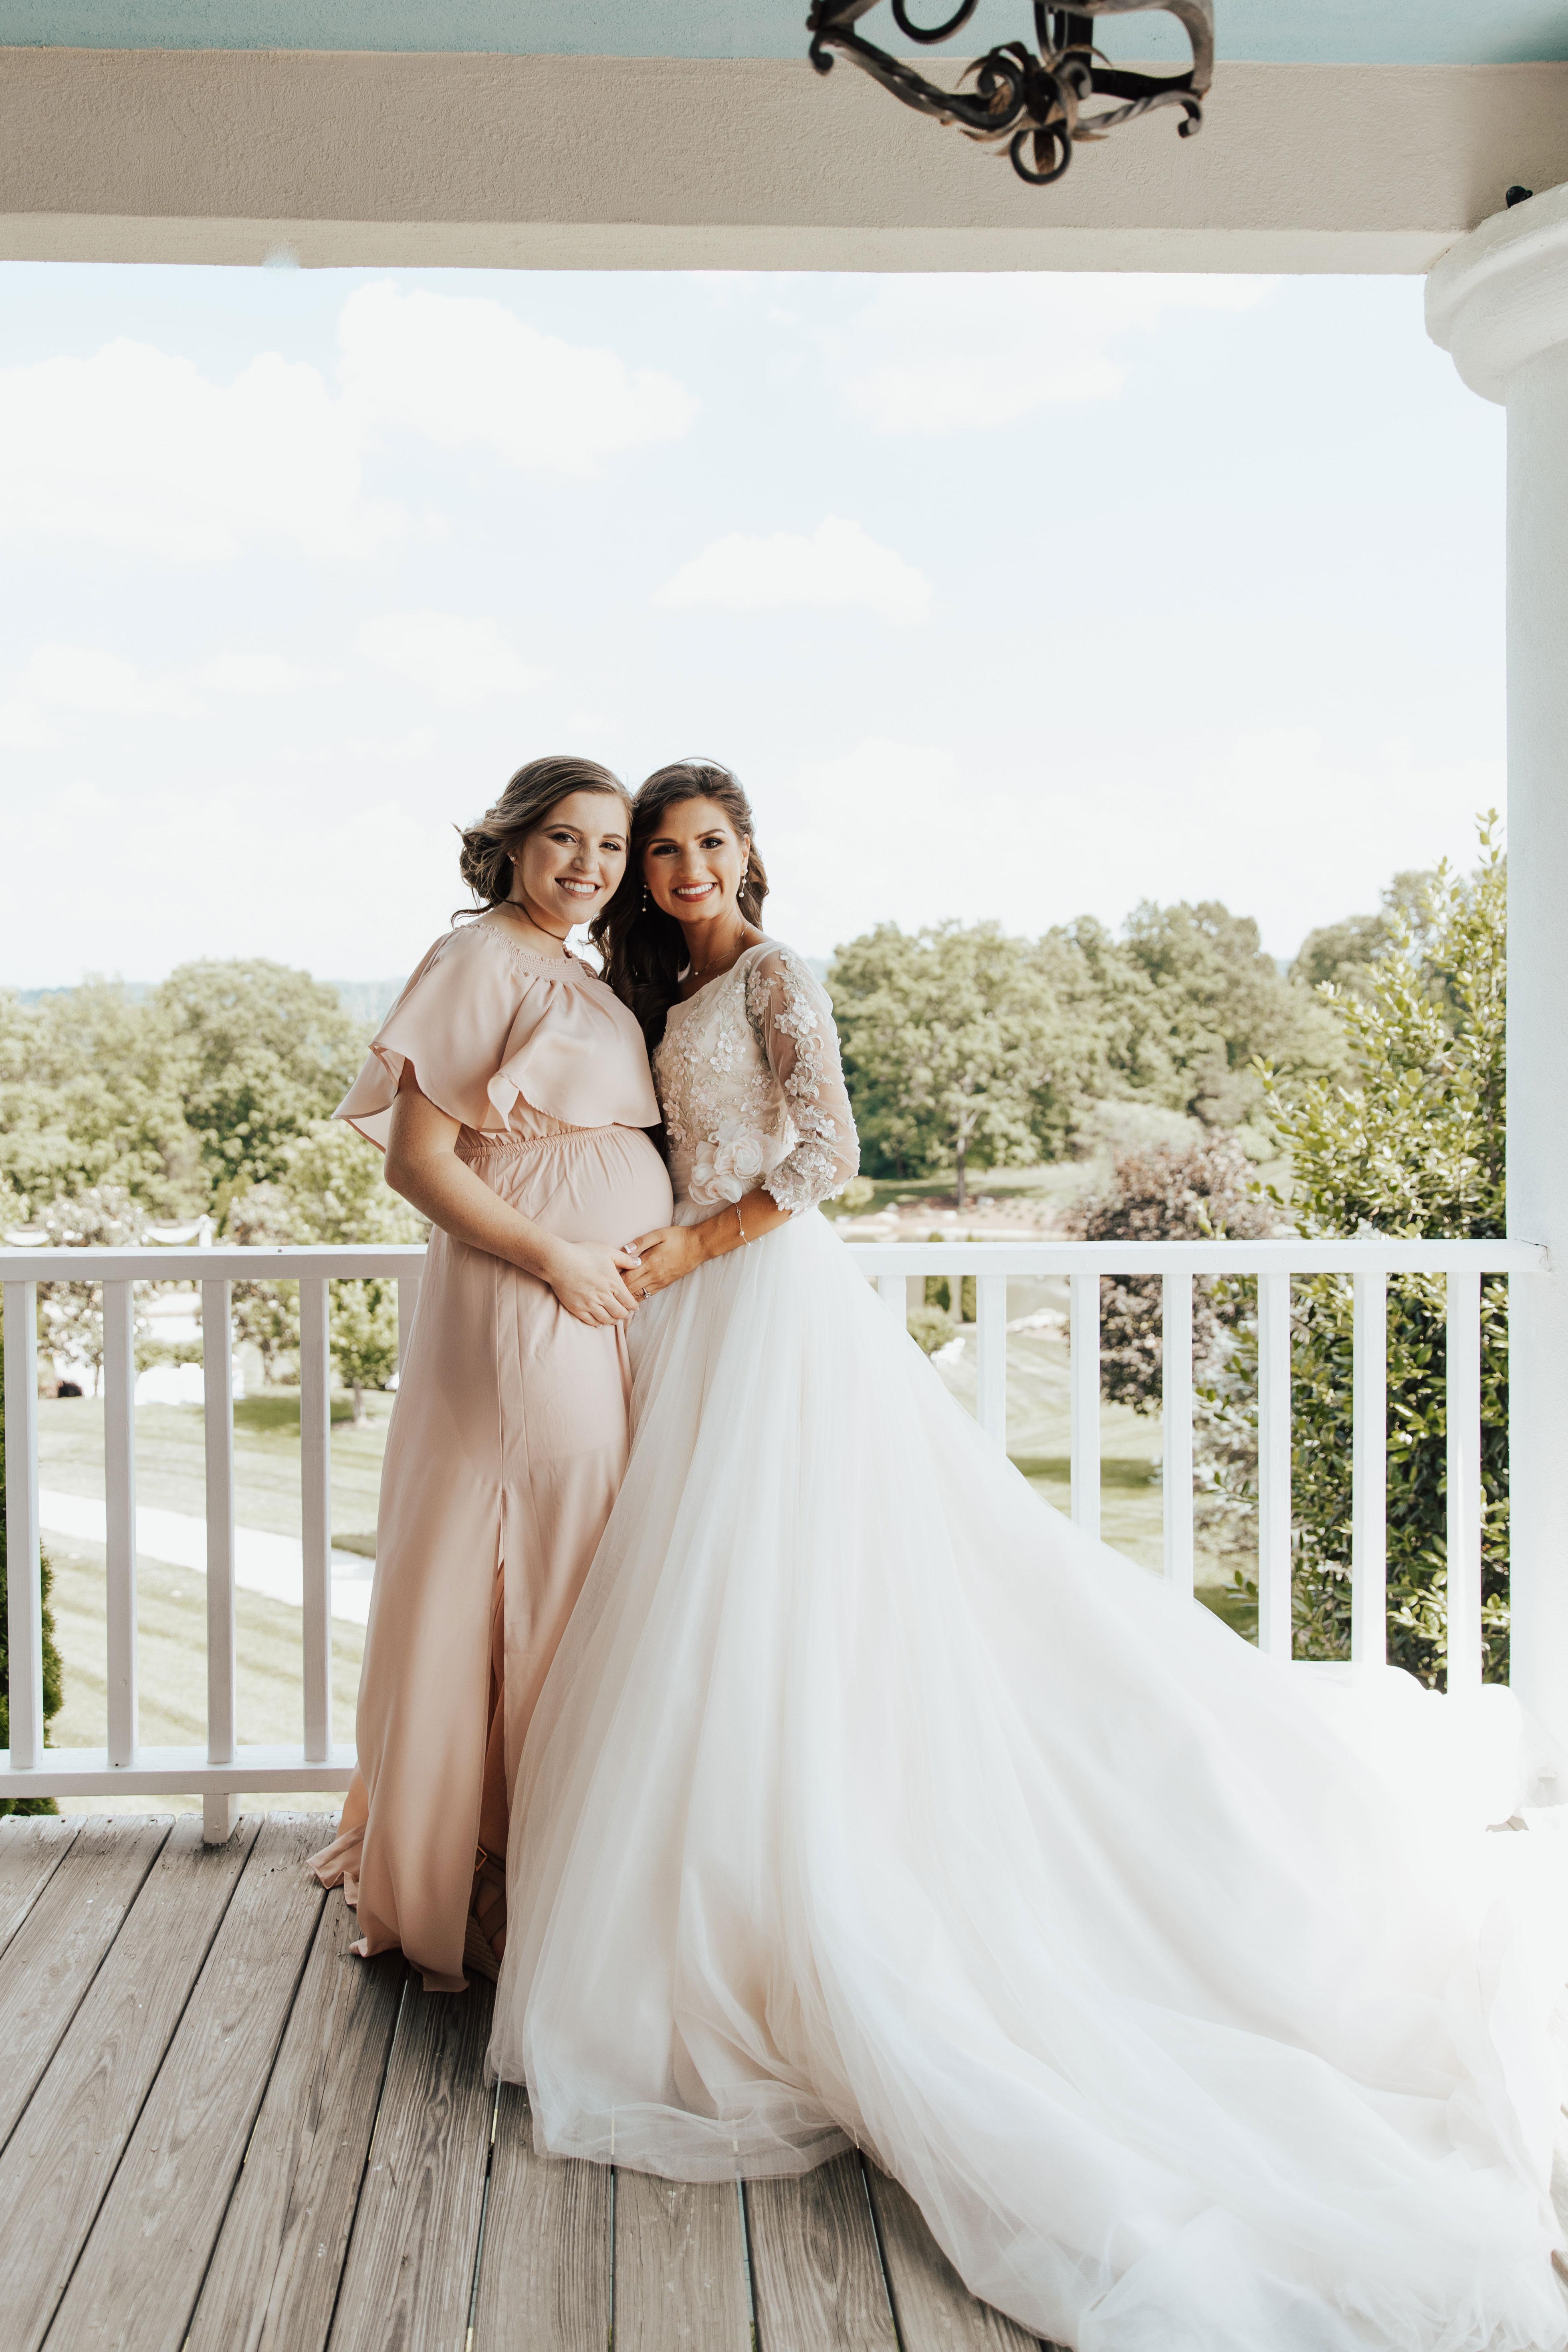 Martha Stewart Daughter Wedding.Bringing Up Bates Star Carlin Bates Marries Evan Stewart